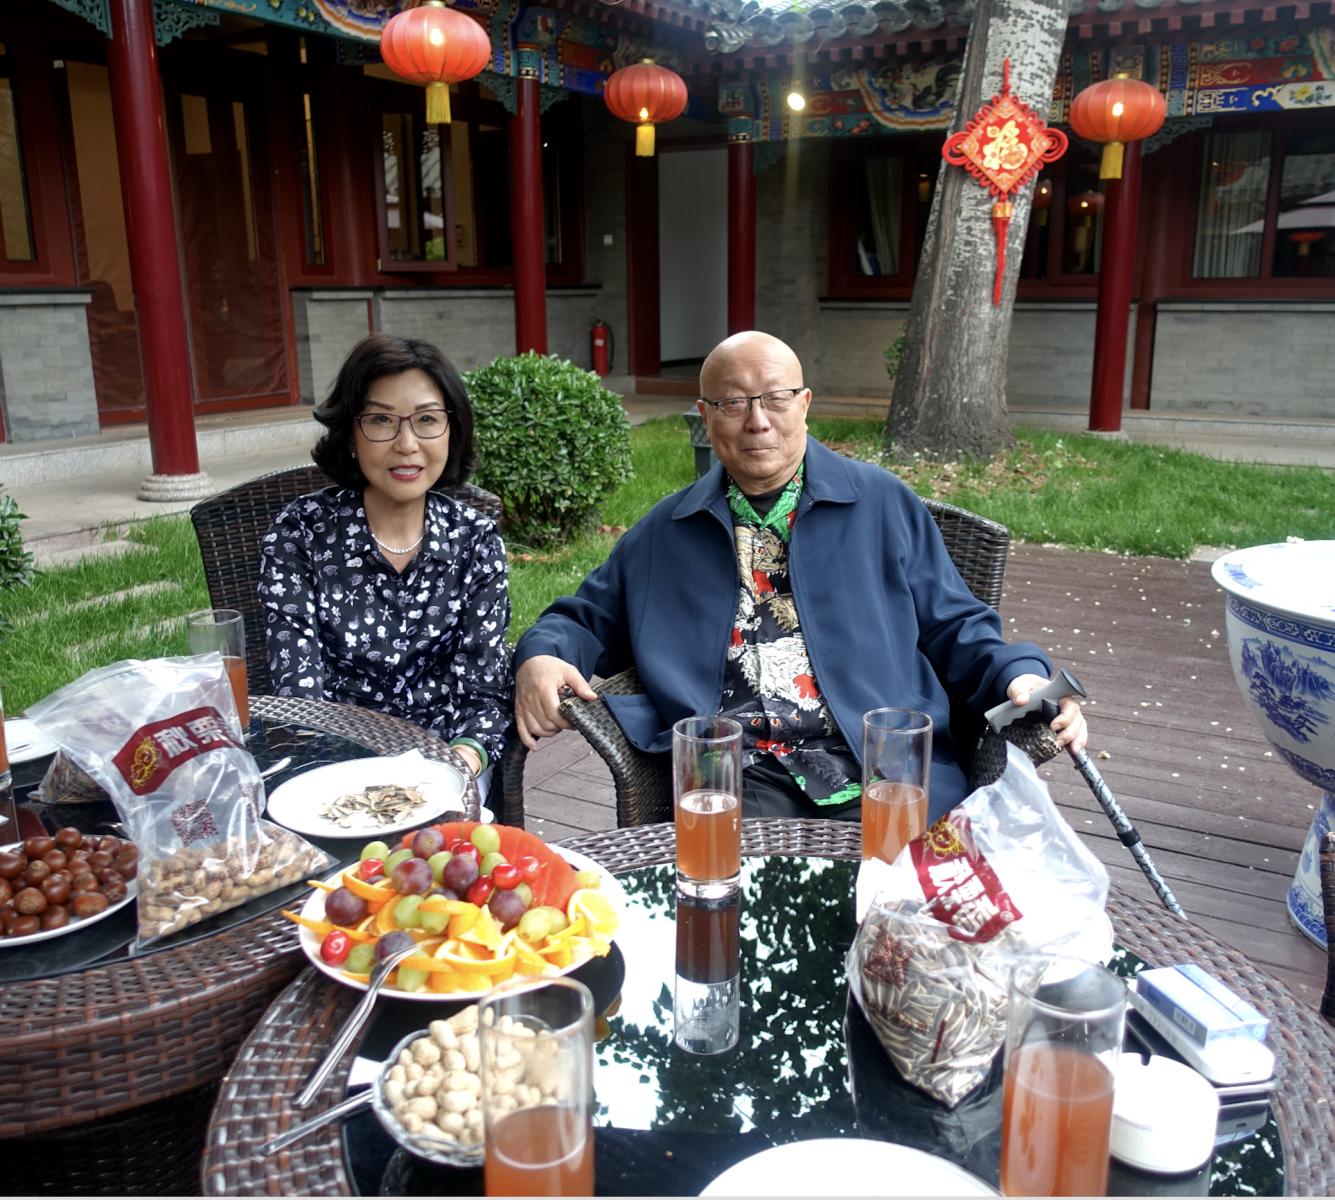 北京印象︰作客四合院內的豪華家宴_圖1-1